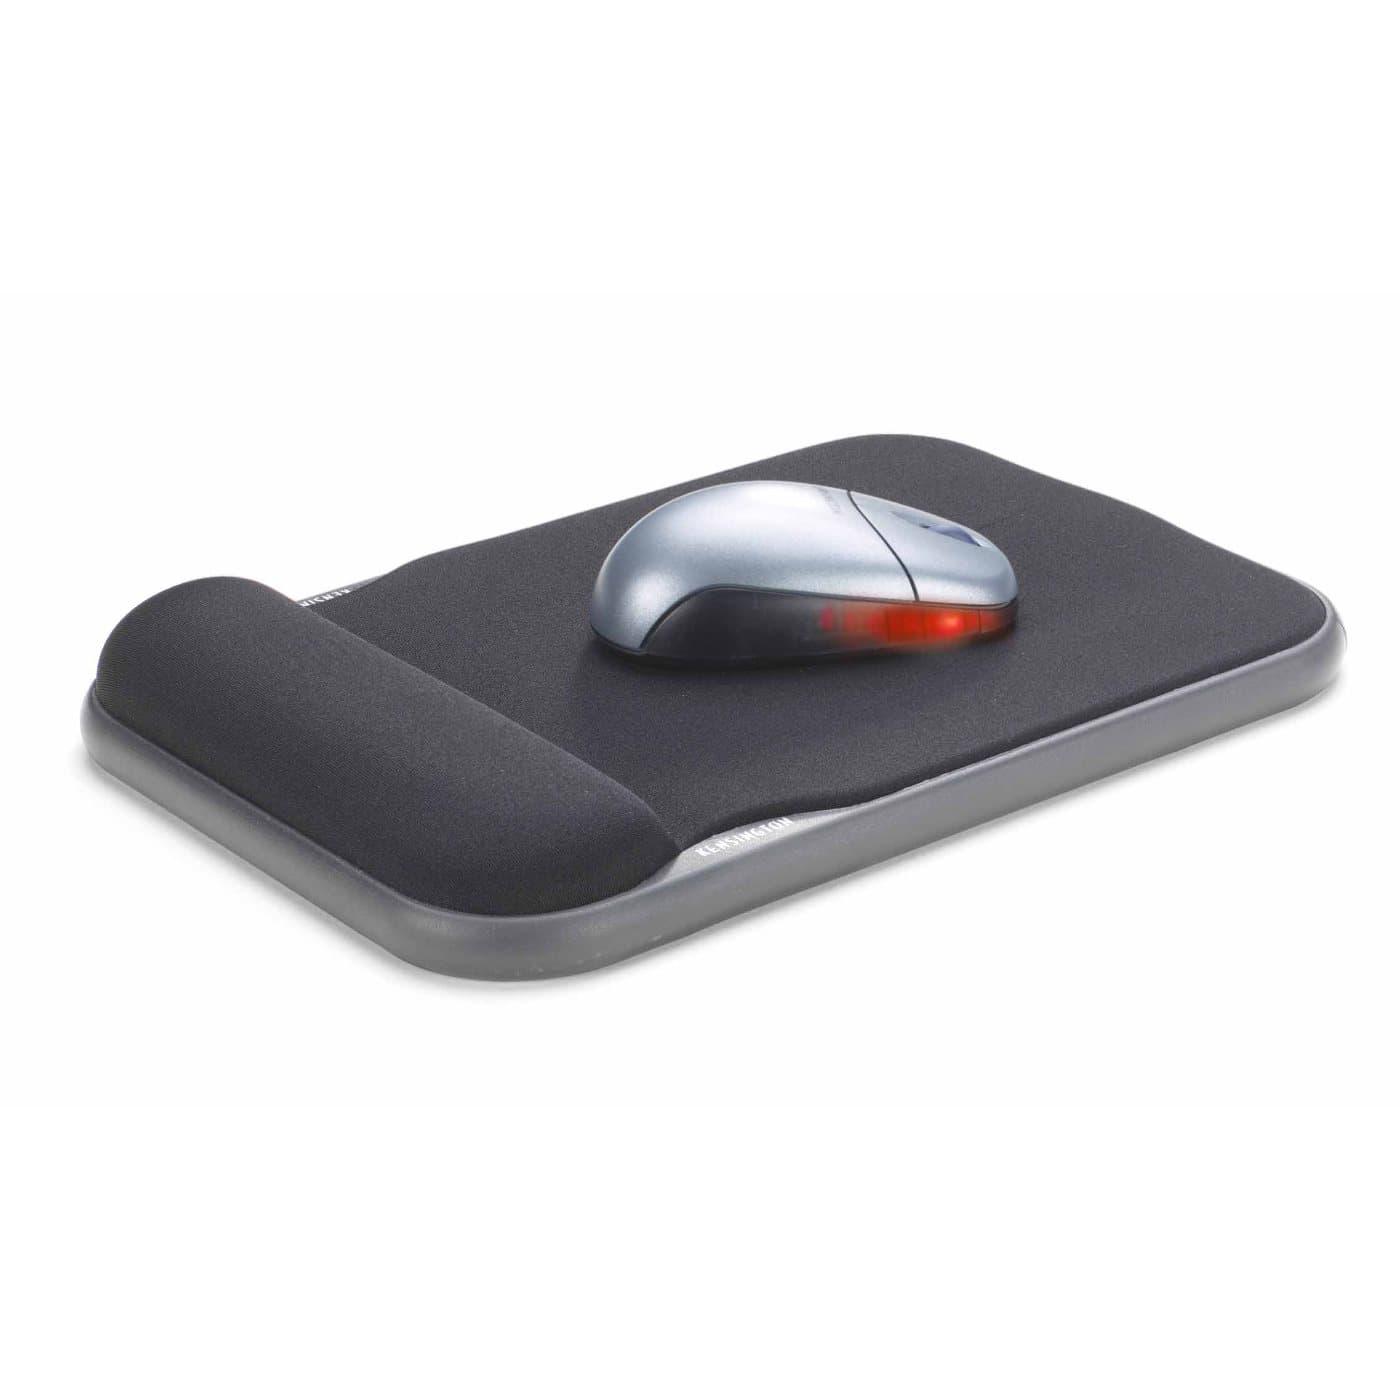 kensington produits ergonomie tapis de souris et repose poignets tapis de souris en gel